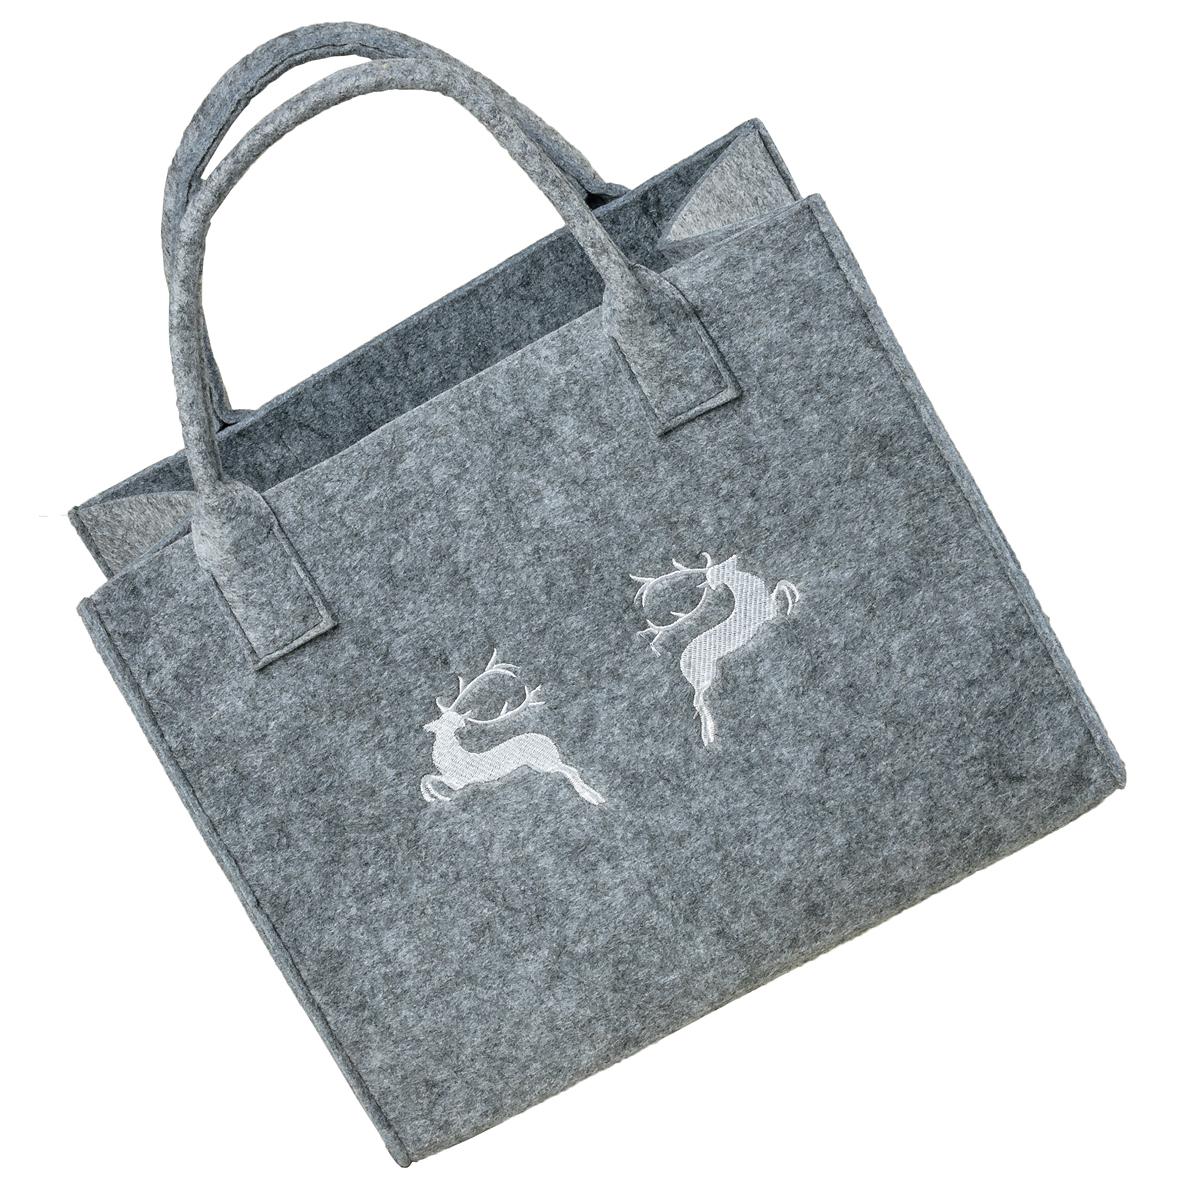 Einkaufstasche Filz Allgäu Hirsch